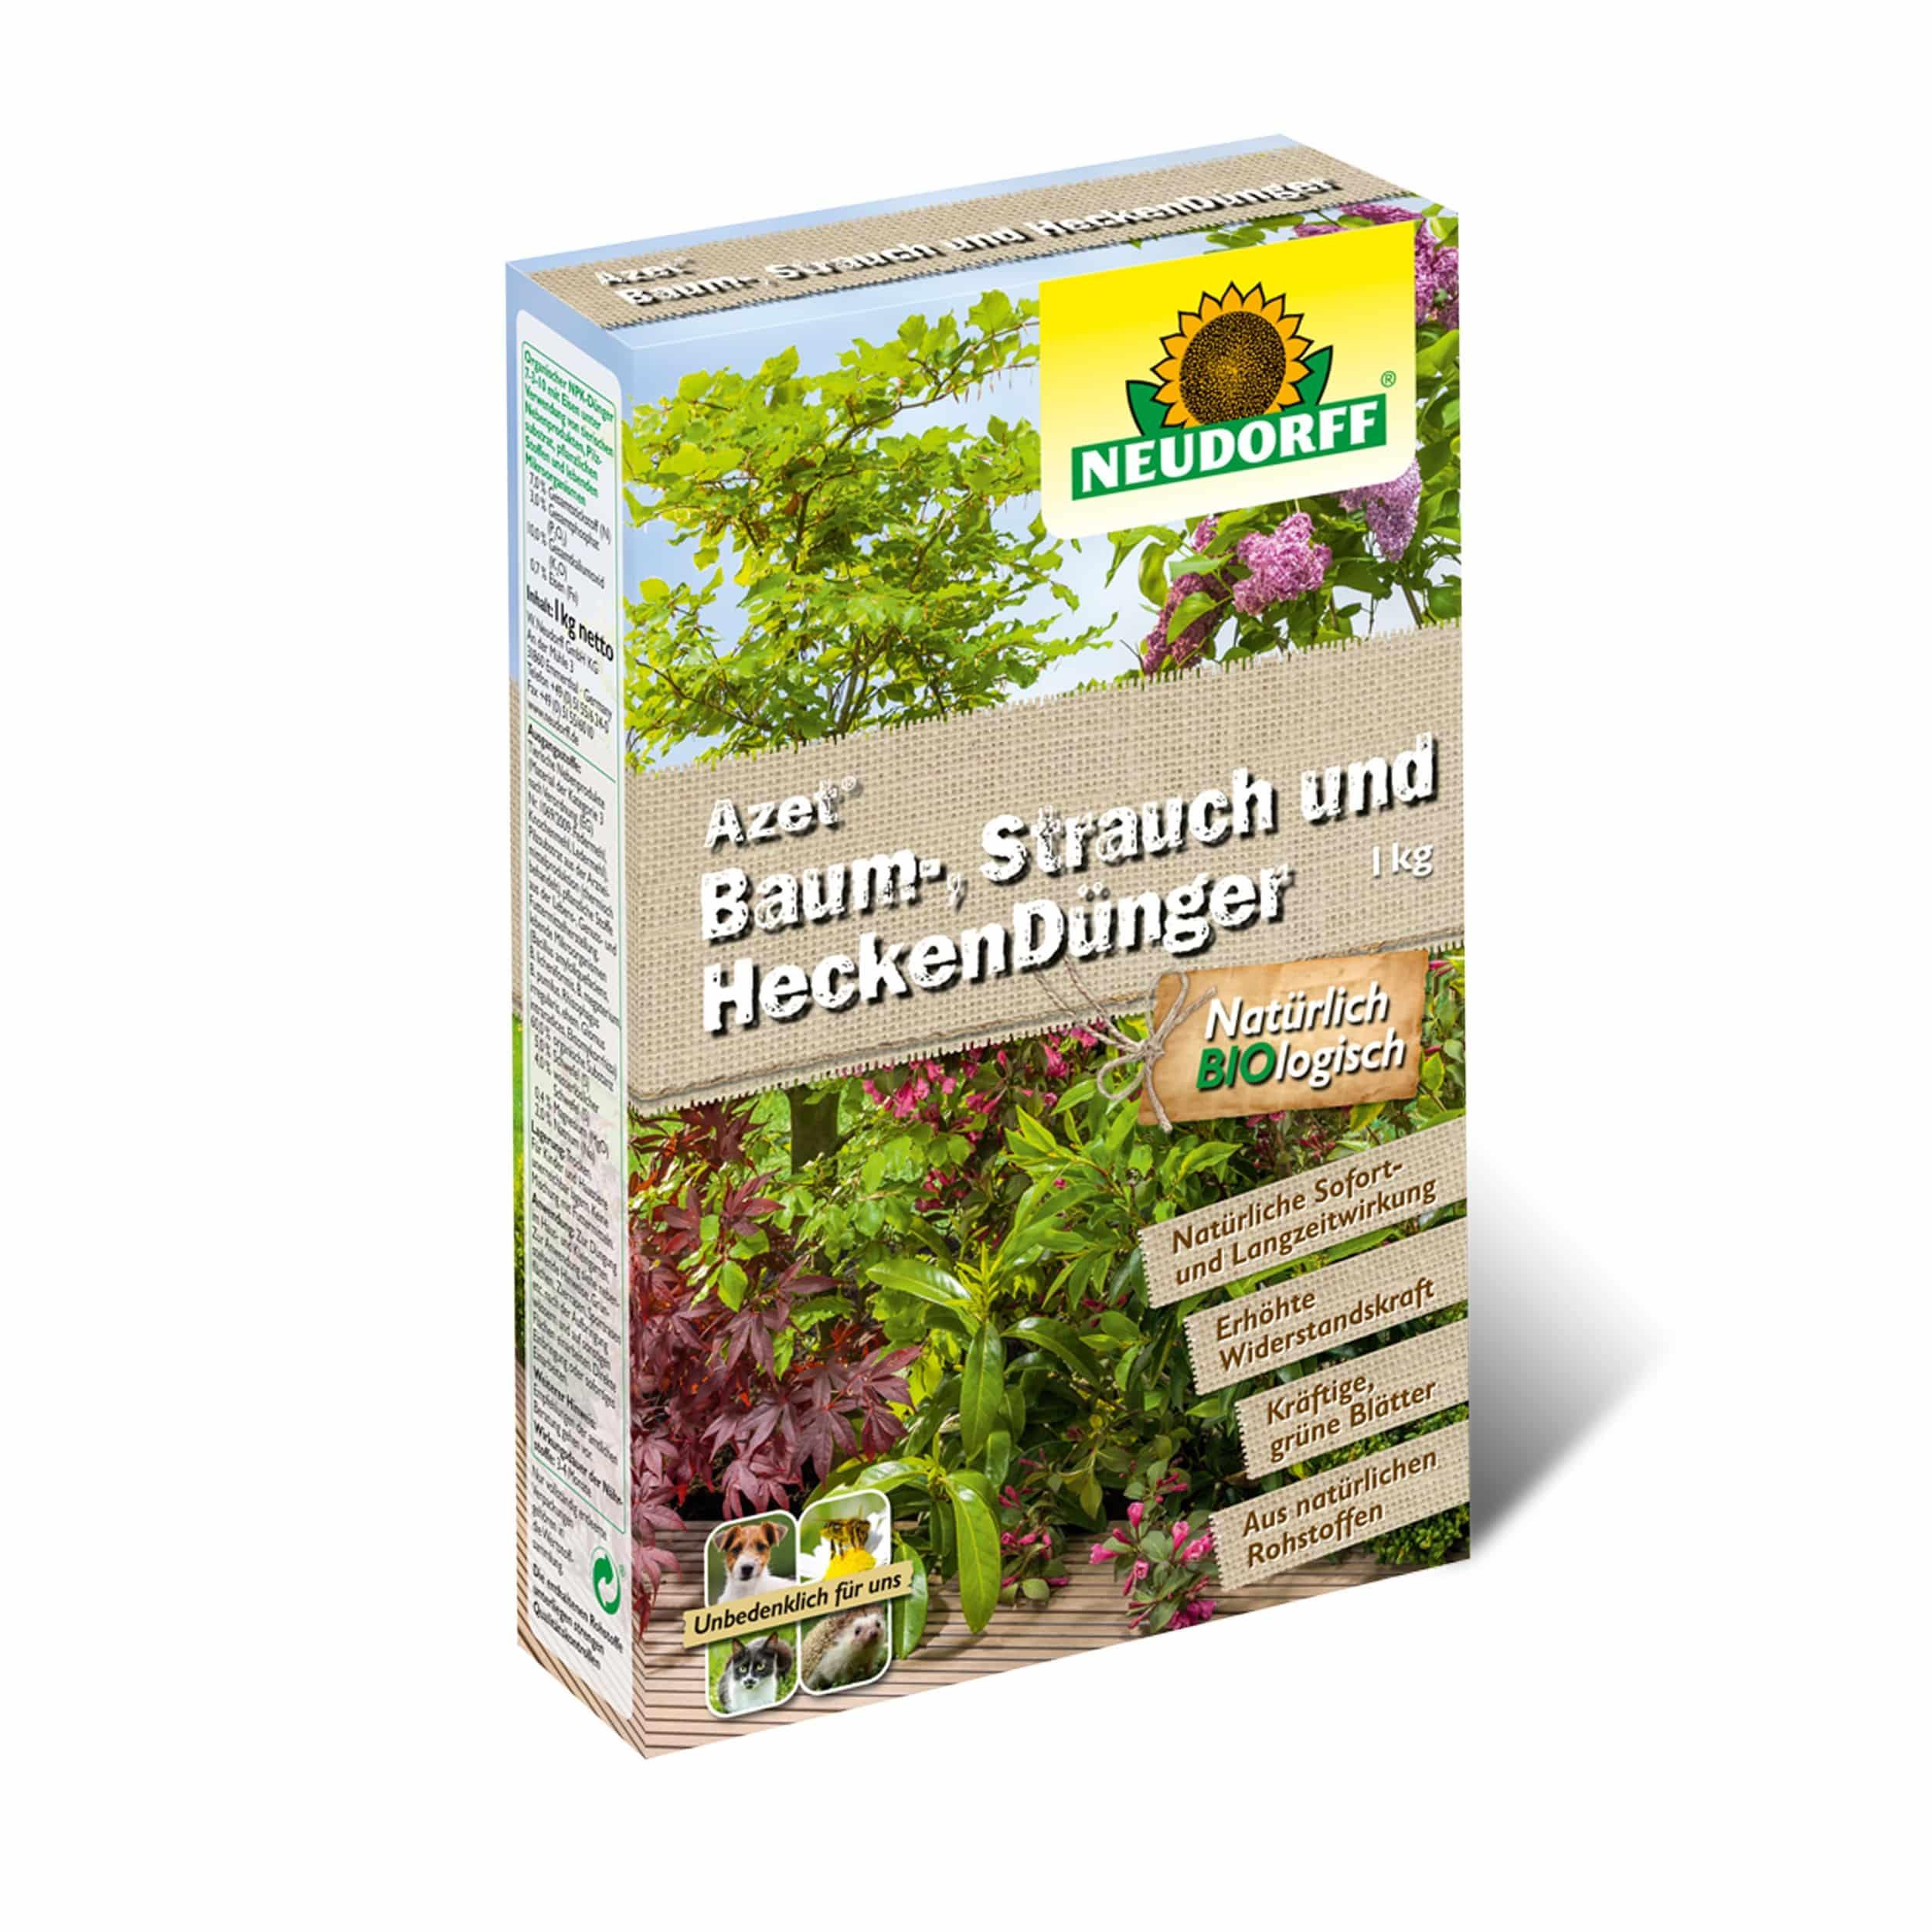 Azet Baum-, Strauch- und HeckenDünger 1 kg